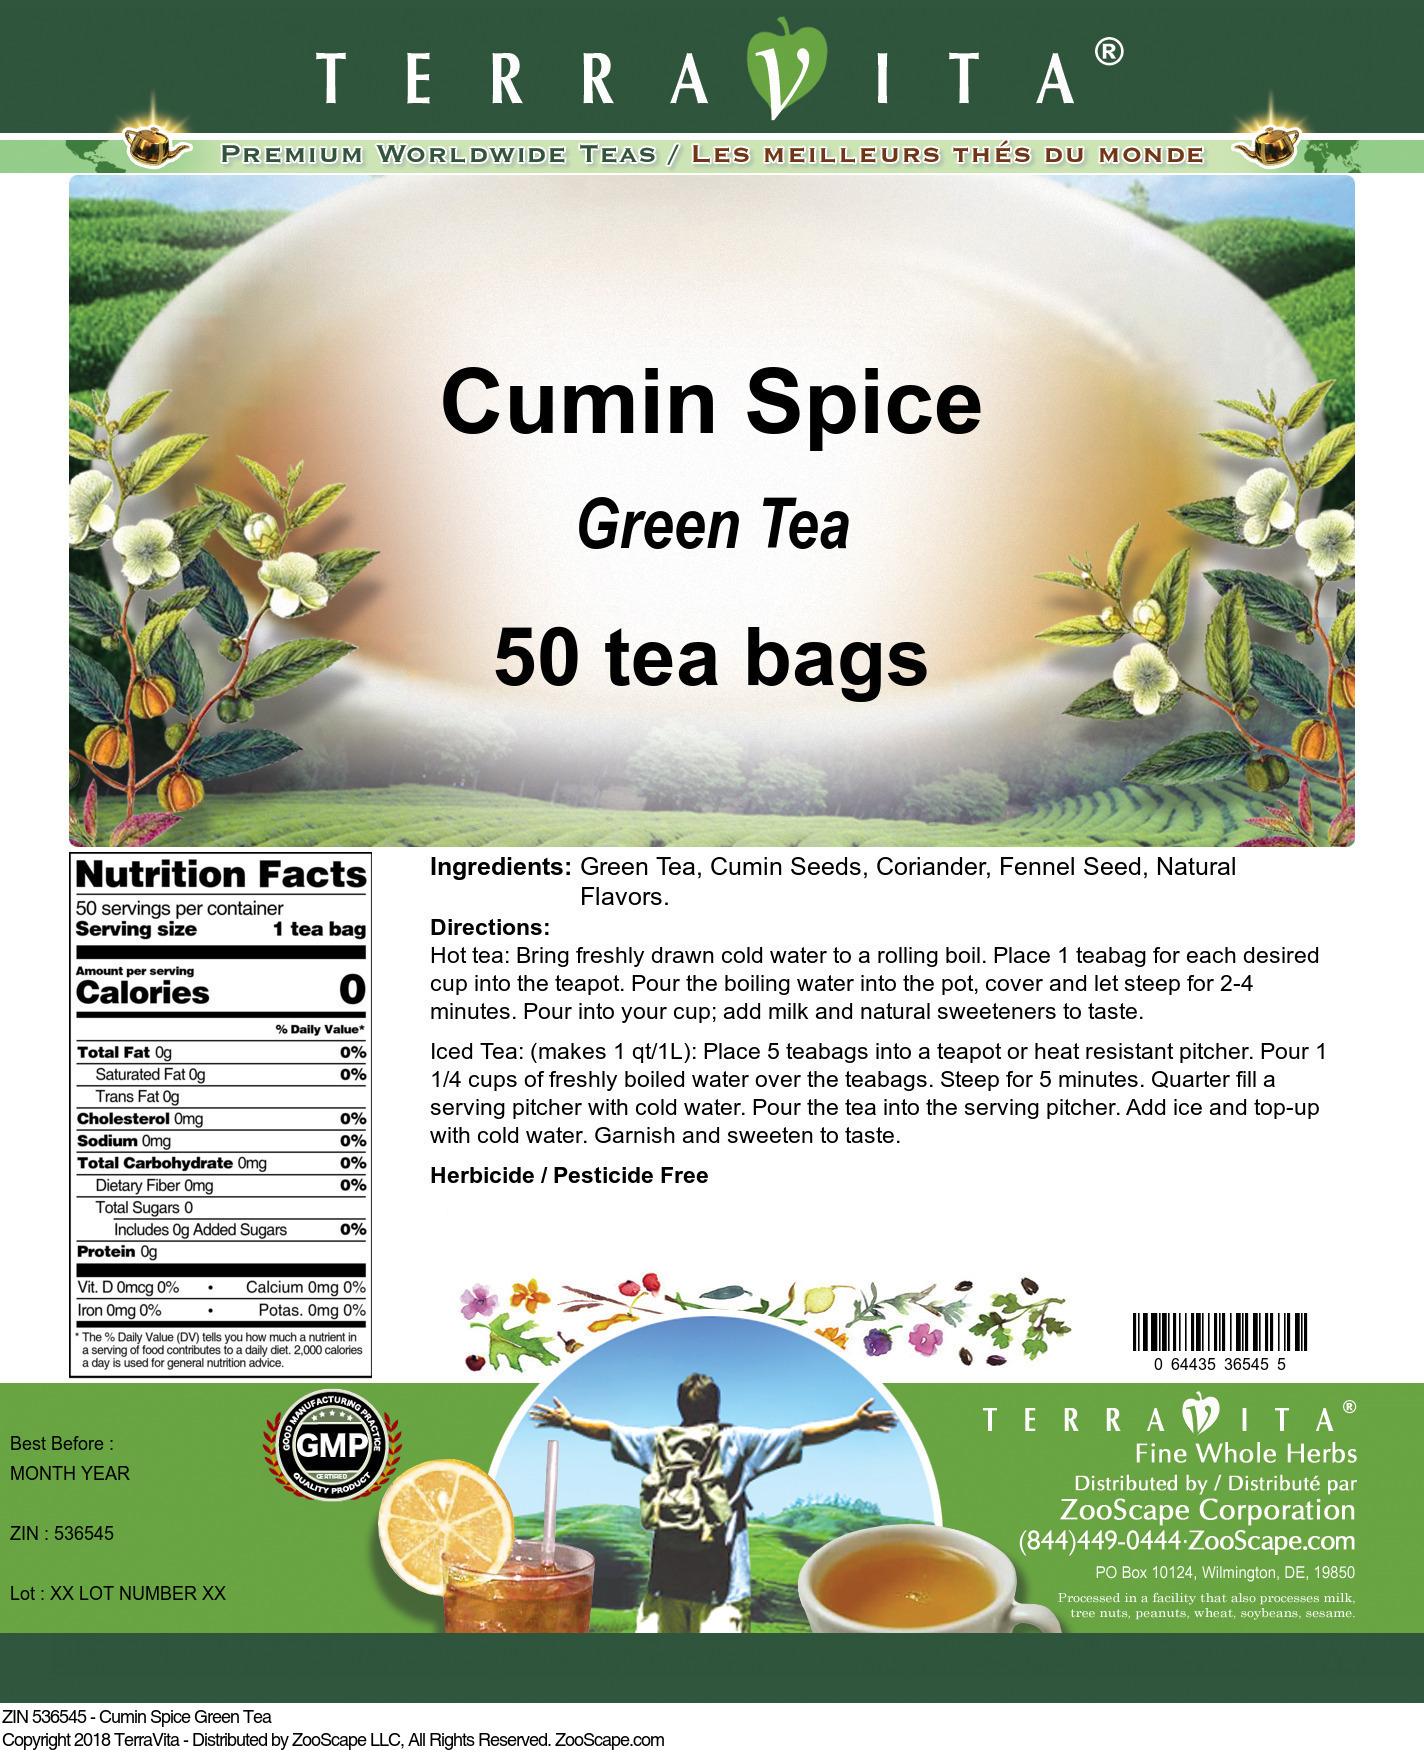 Cumin Spice Green Tea